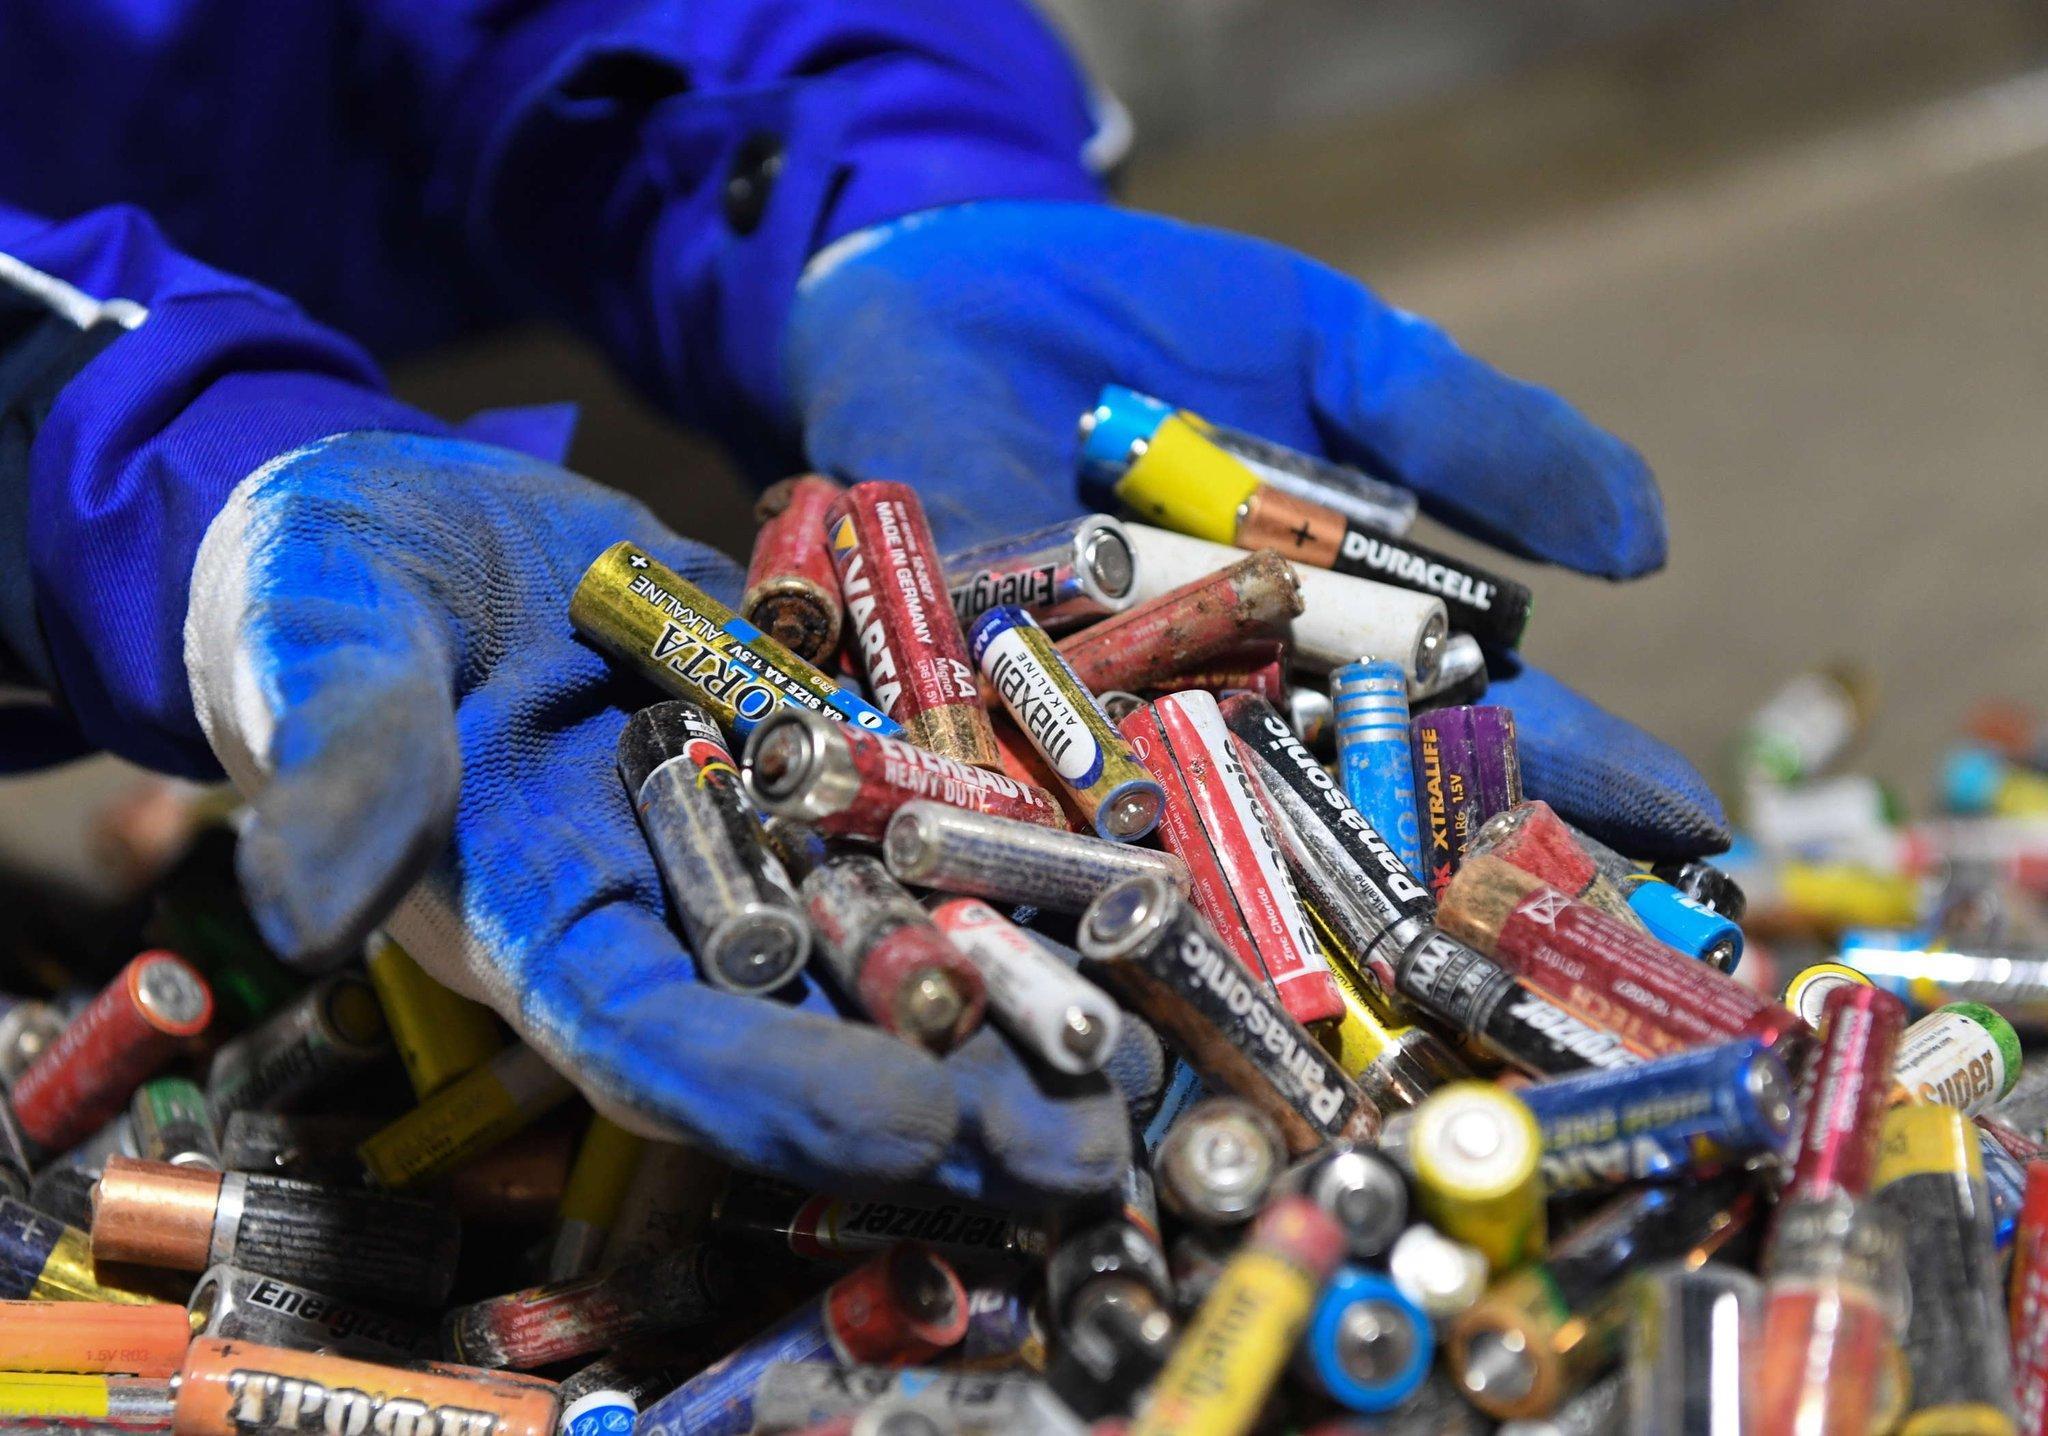 Выброшенные батарейки в России пока побеждают